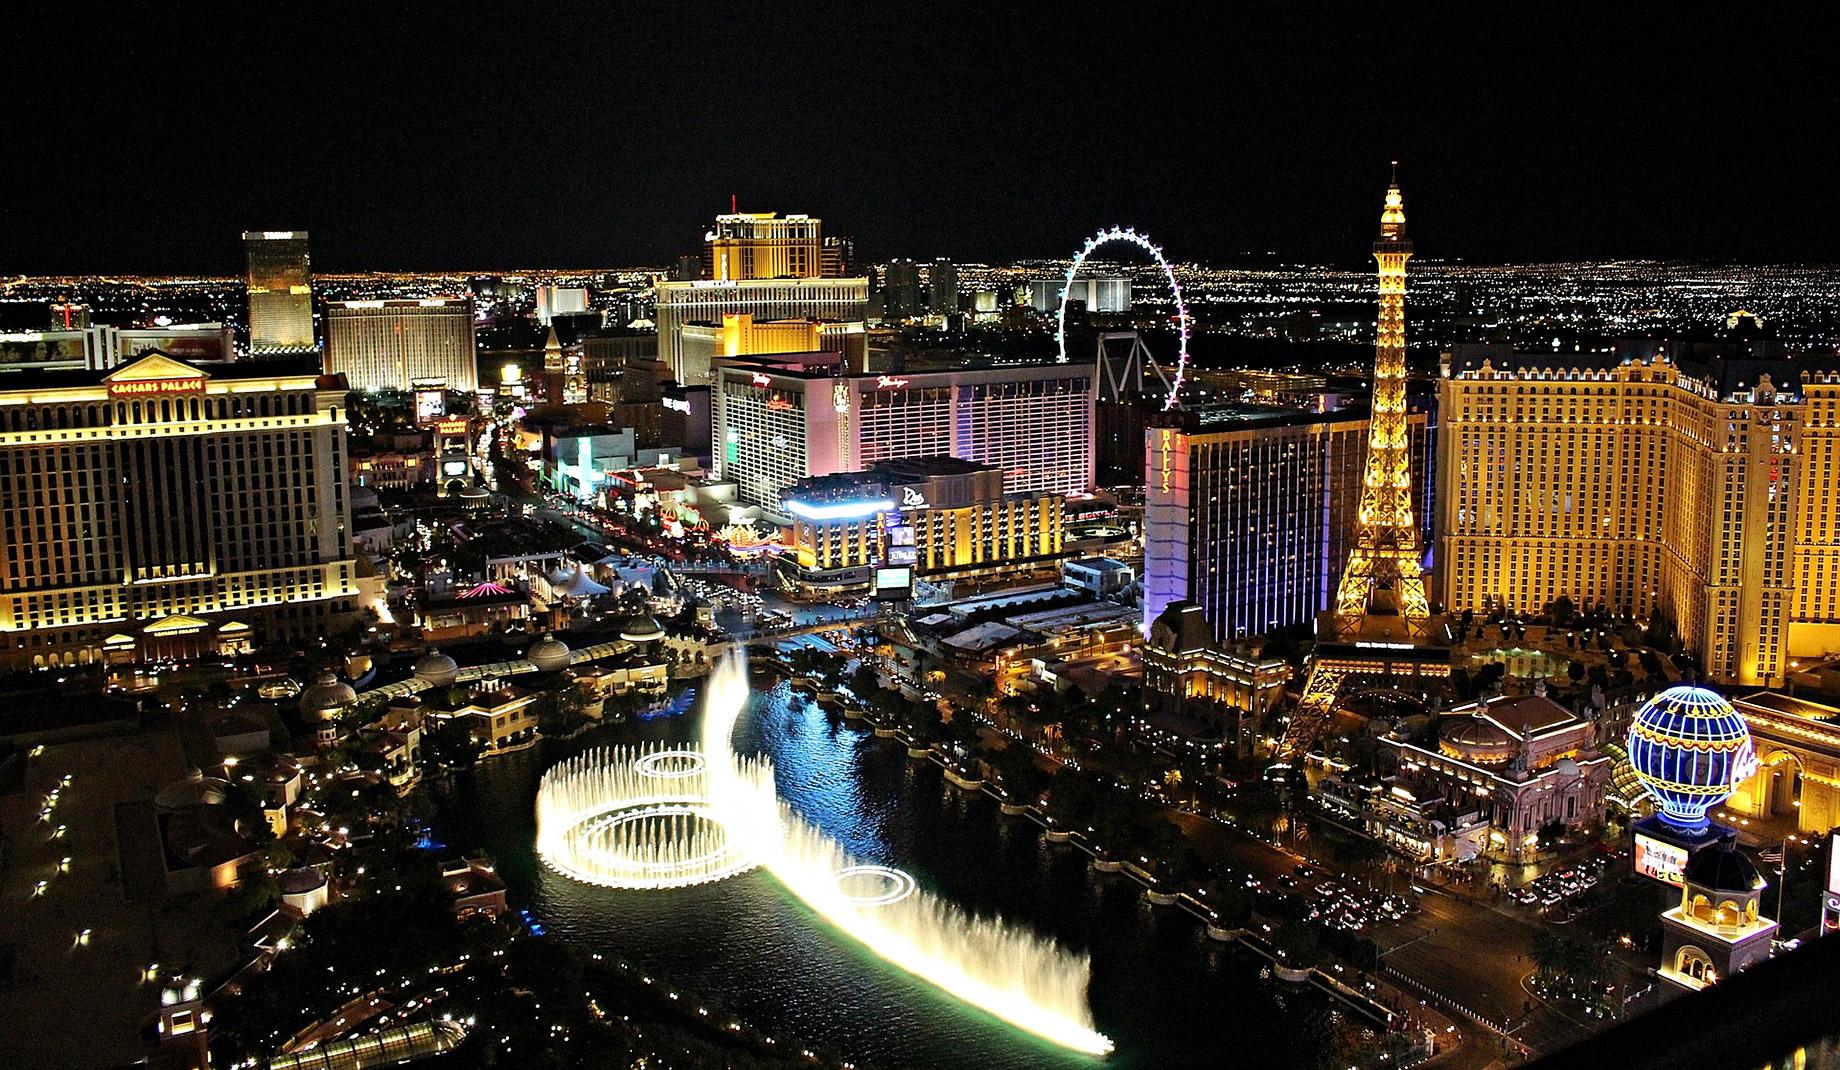 Las Vegas Casinos at Night